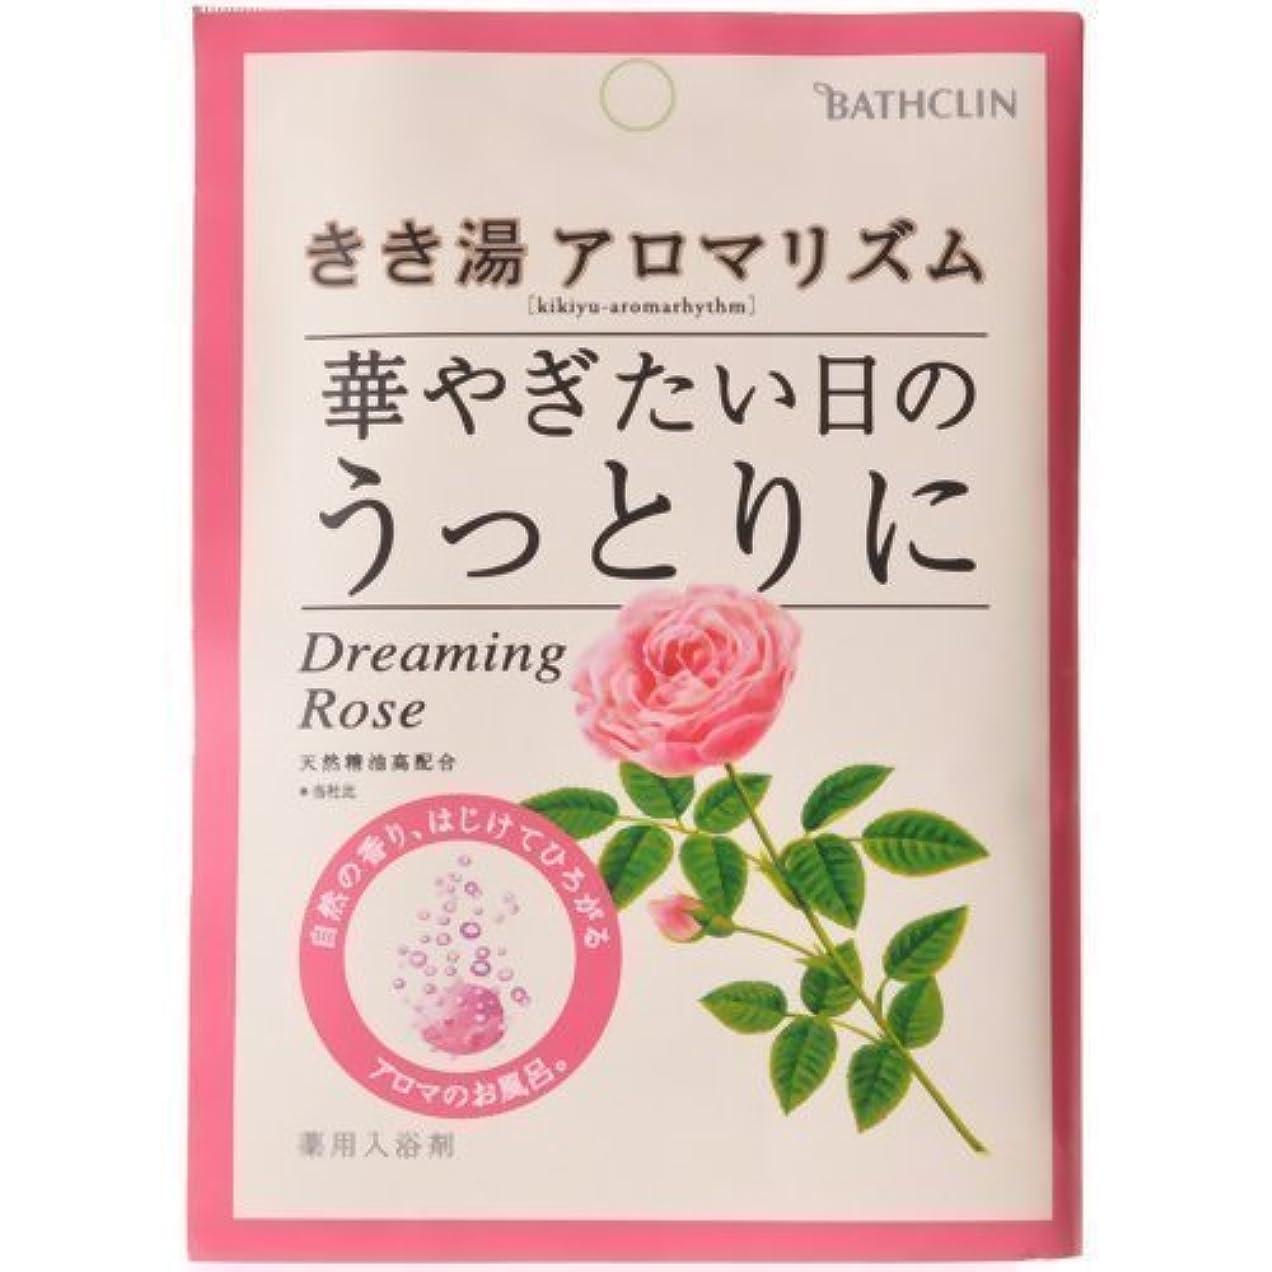 強化ステレオ移行きき湯 アロマリズム ドリーミングローズの香り 30g